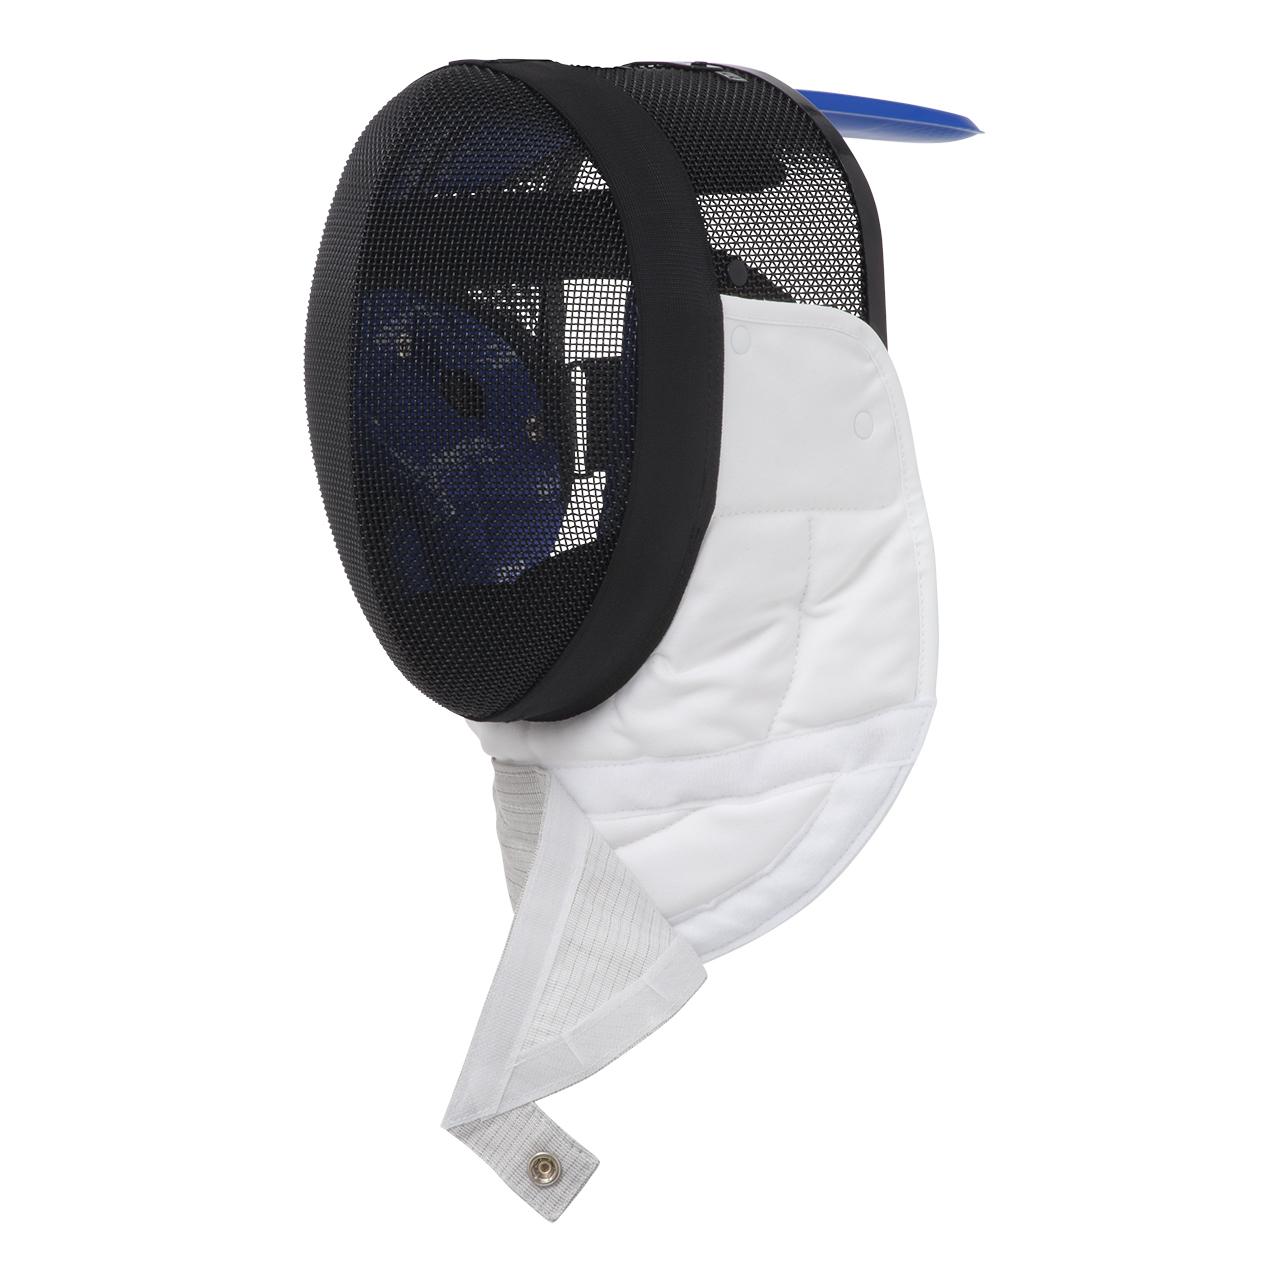 FIE Vario-Maske 1600N, mit abnehmbarem leitenden Latz